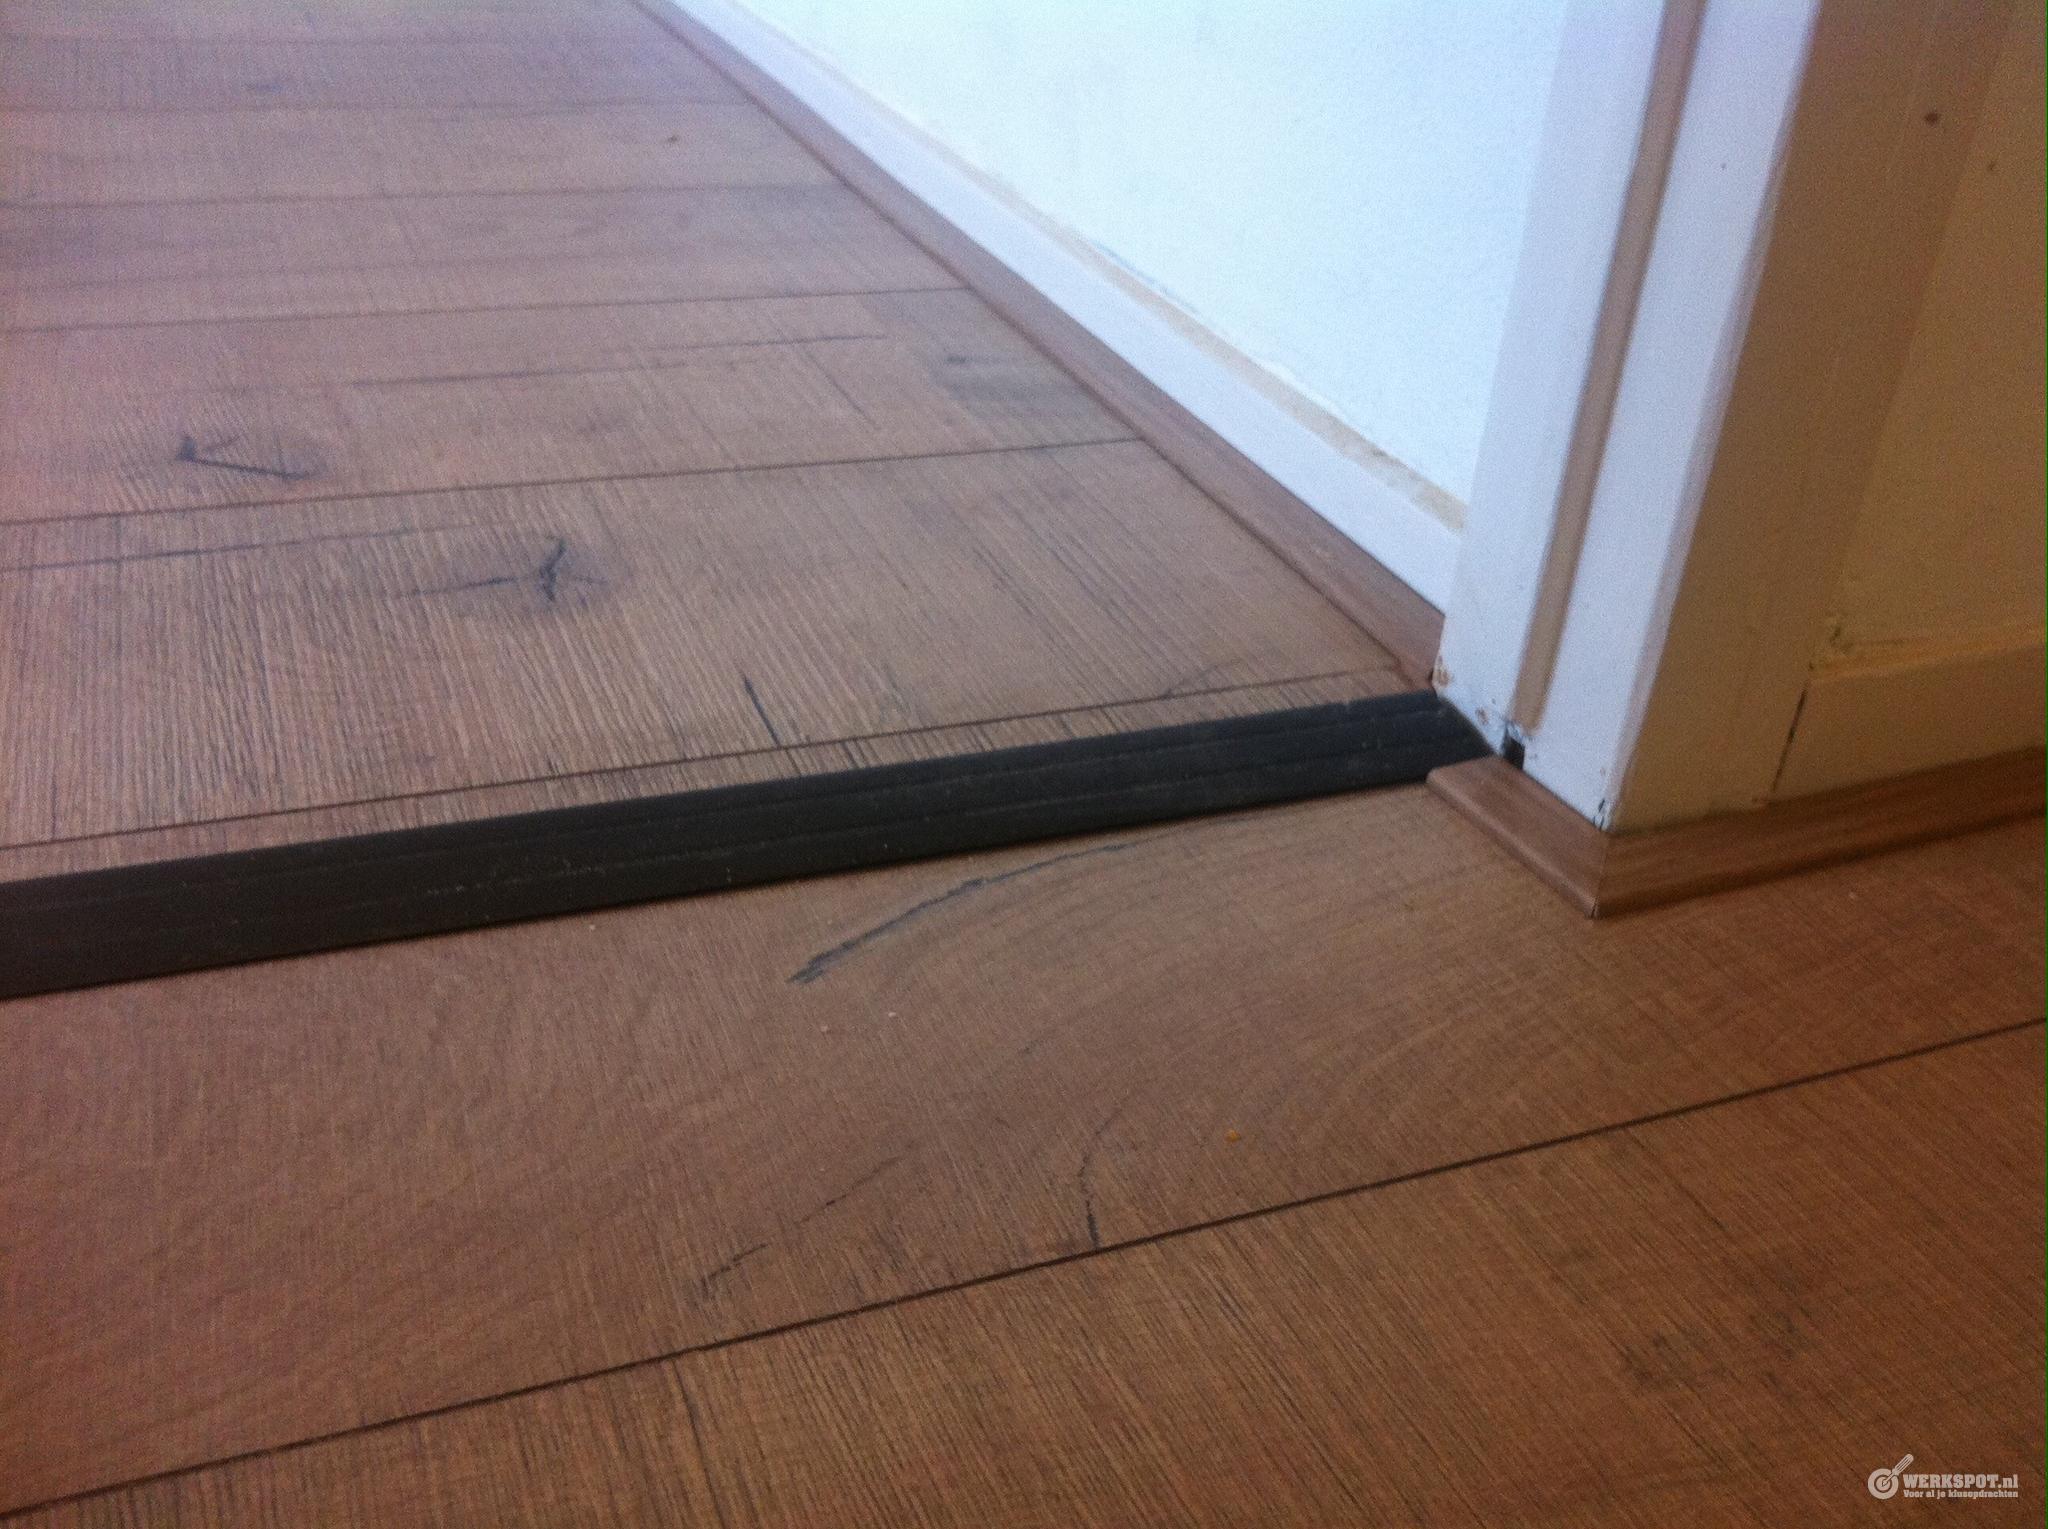 laminaat leggen incl ondervloer en plinten in appartement 63 m2